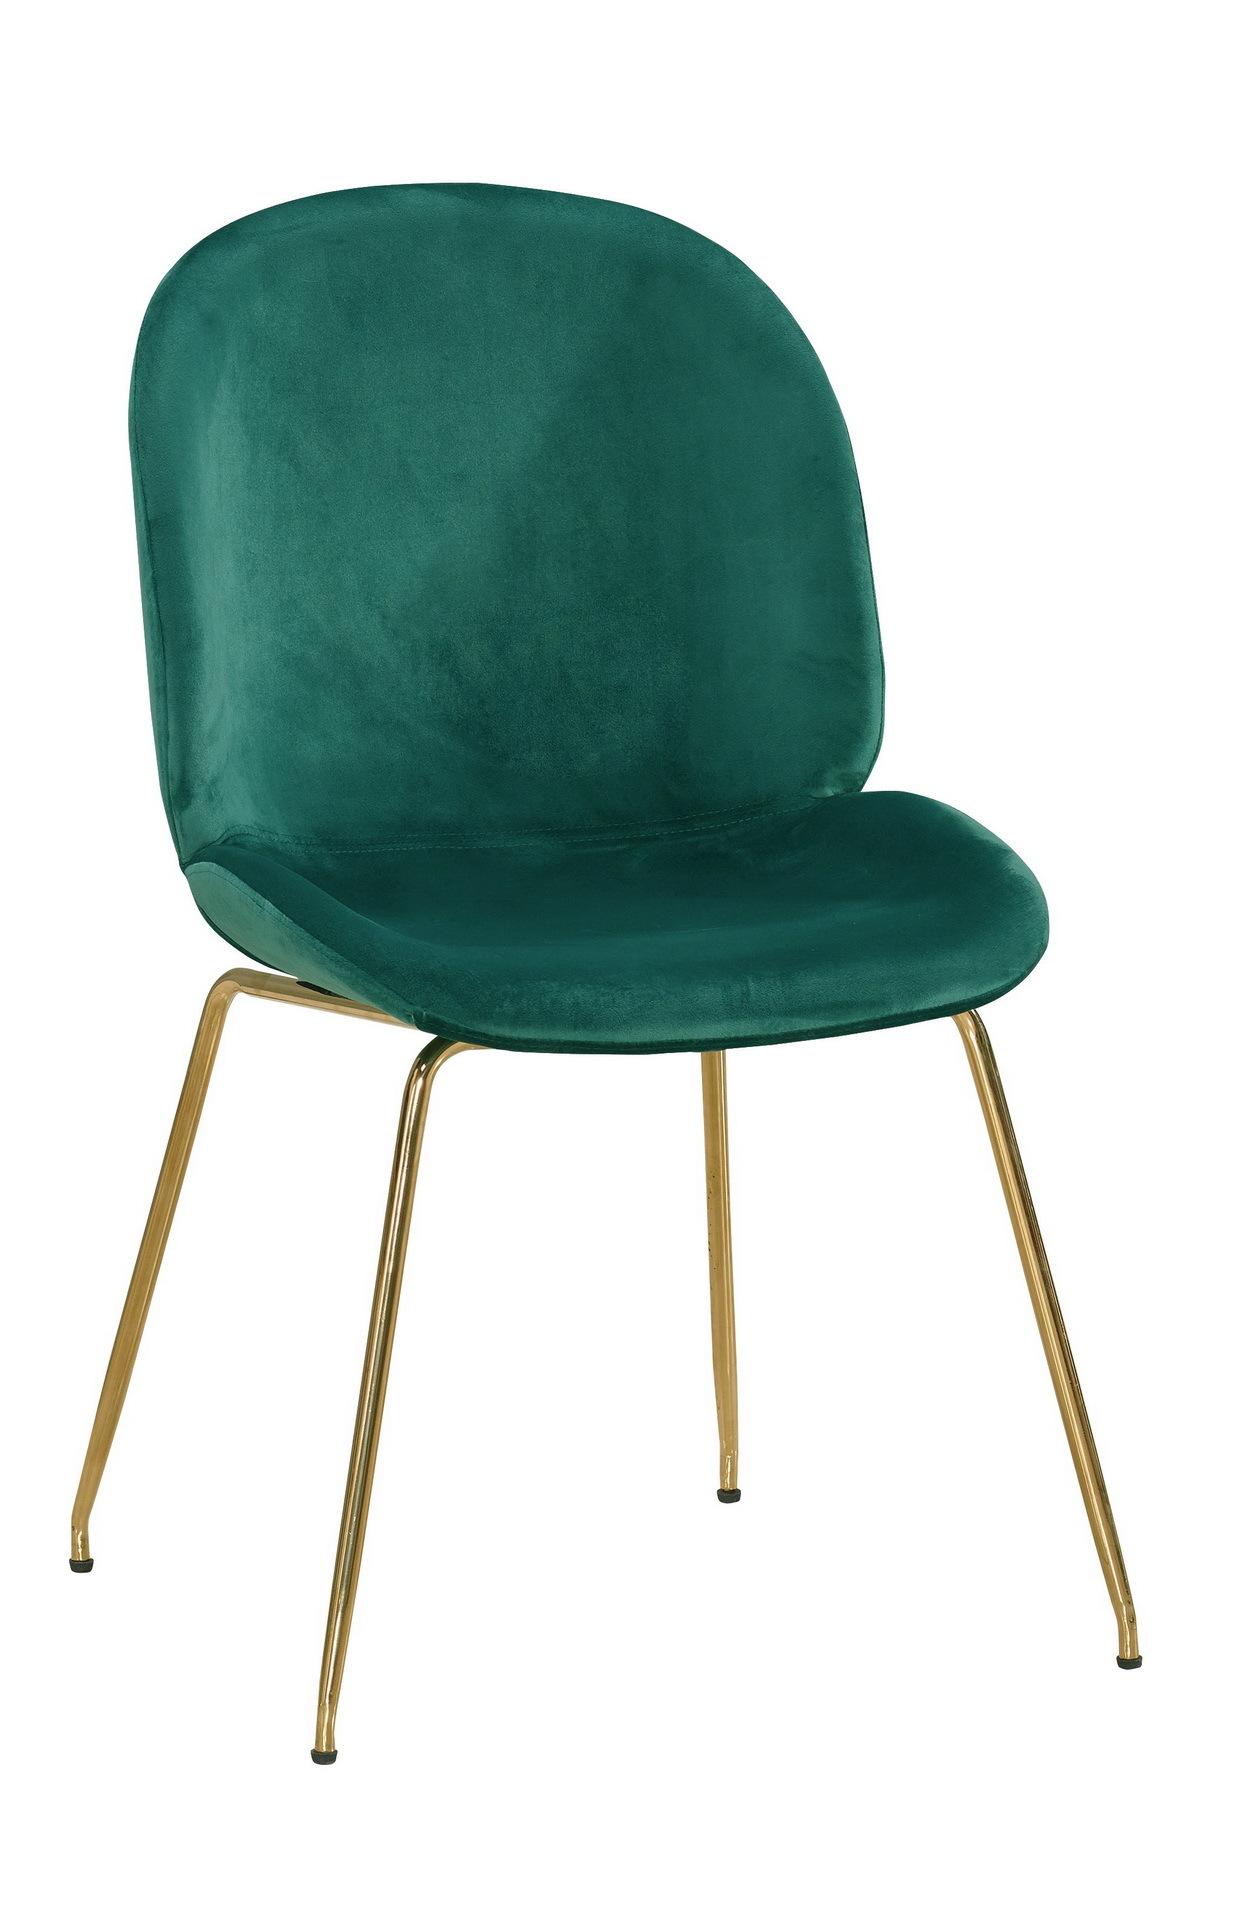 530-3 溫妮莎餐椅(綠布)(五金腳).jpg